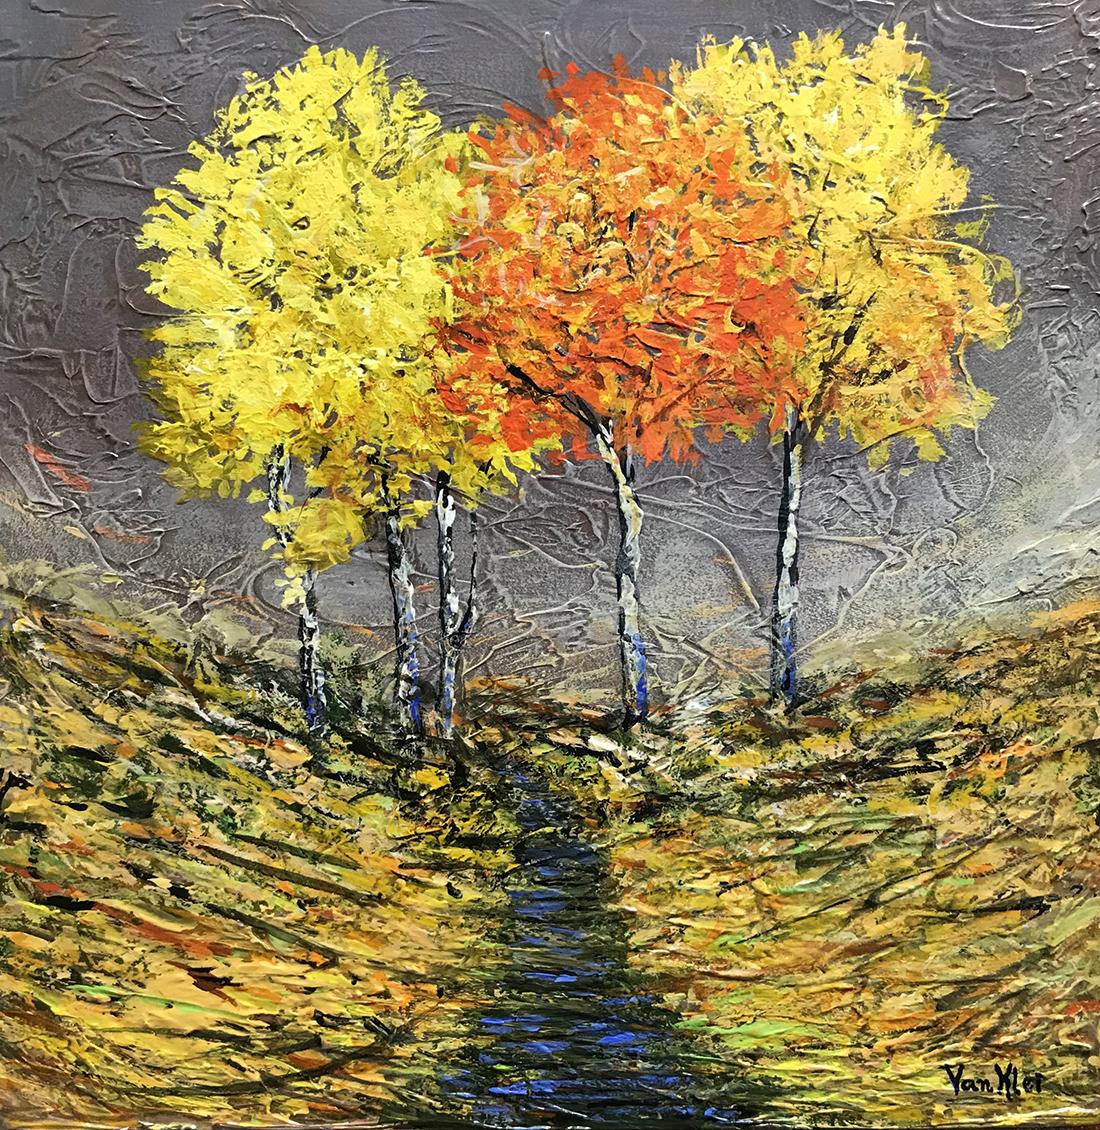 Paintings by DVK